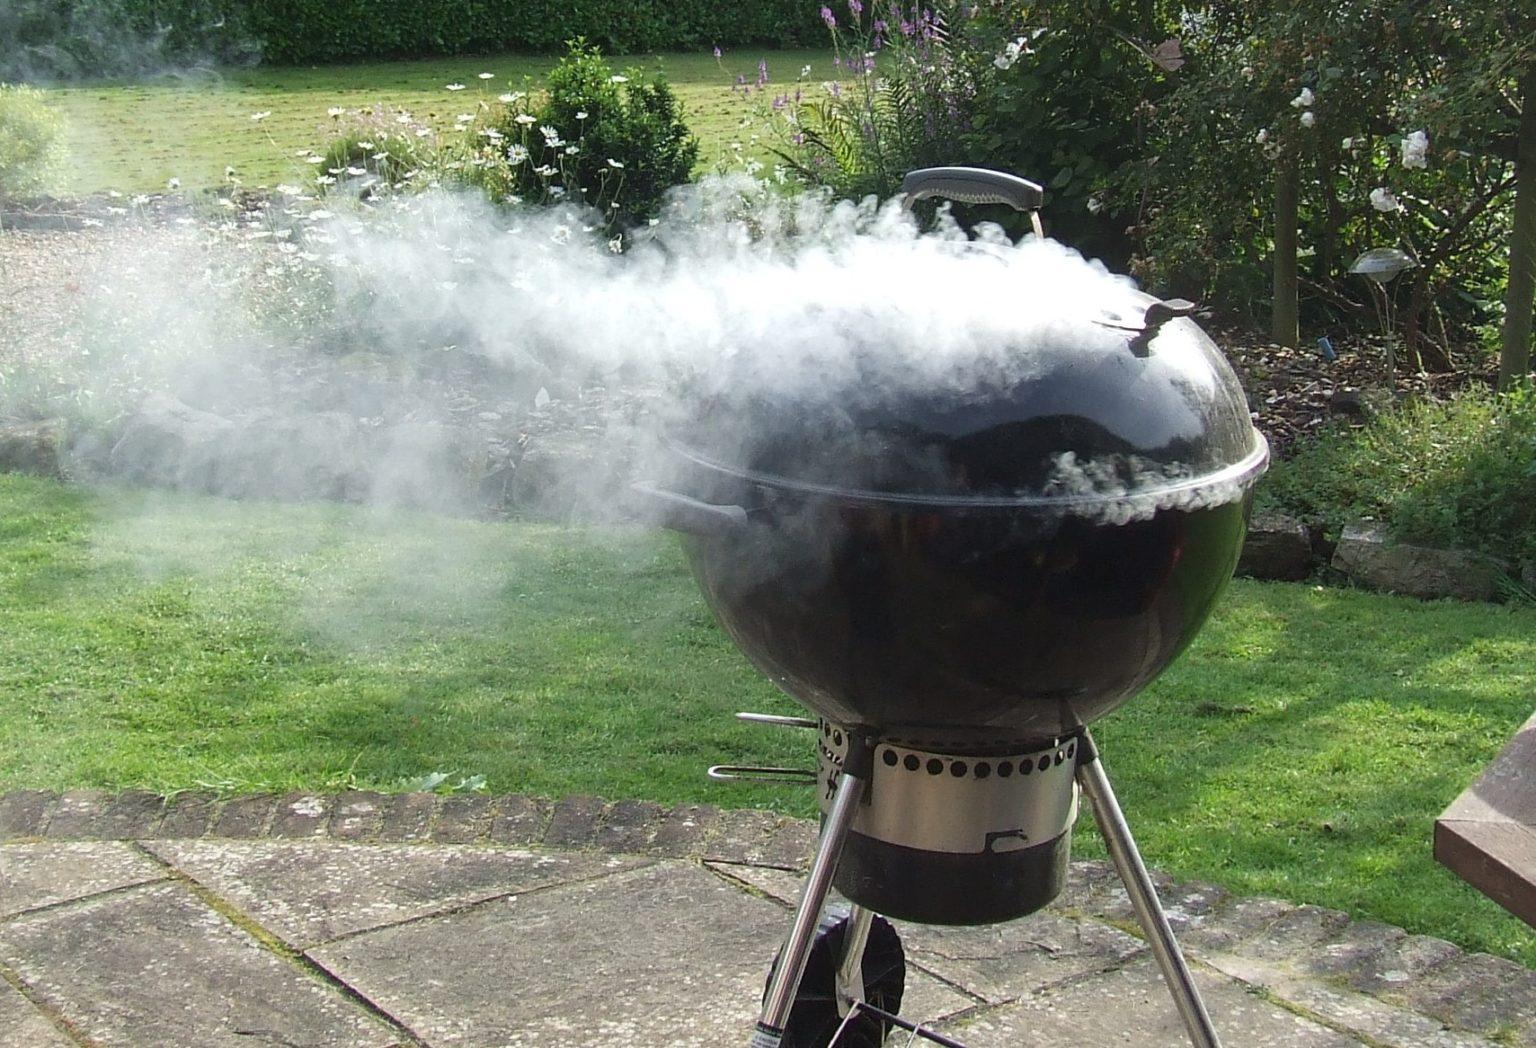 Legge E Barbecue Ecco Quando Si Puo Grigliare